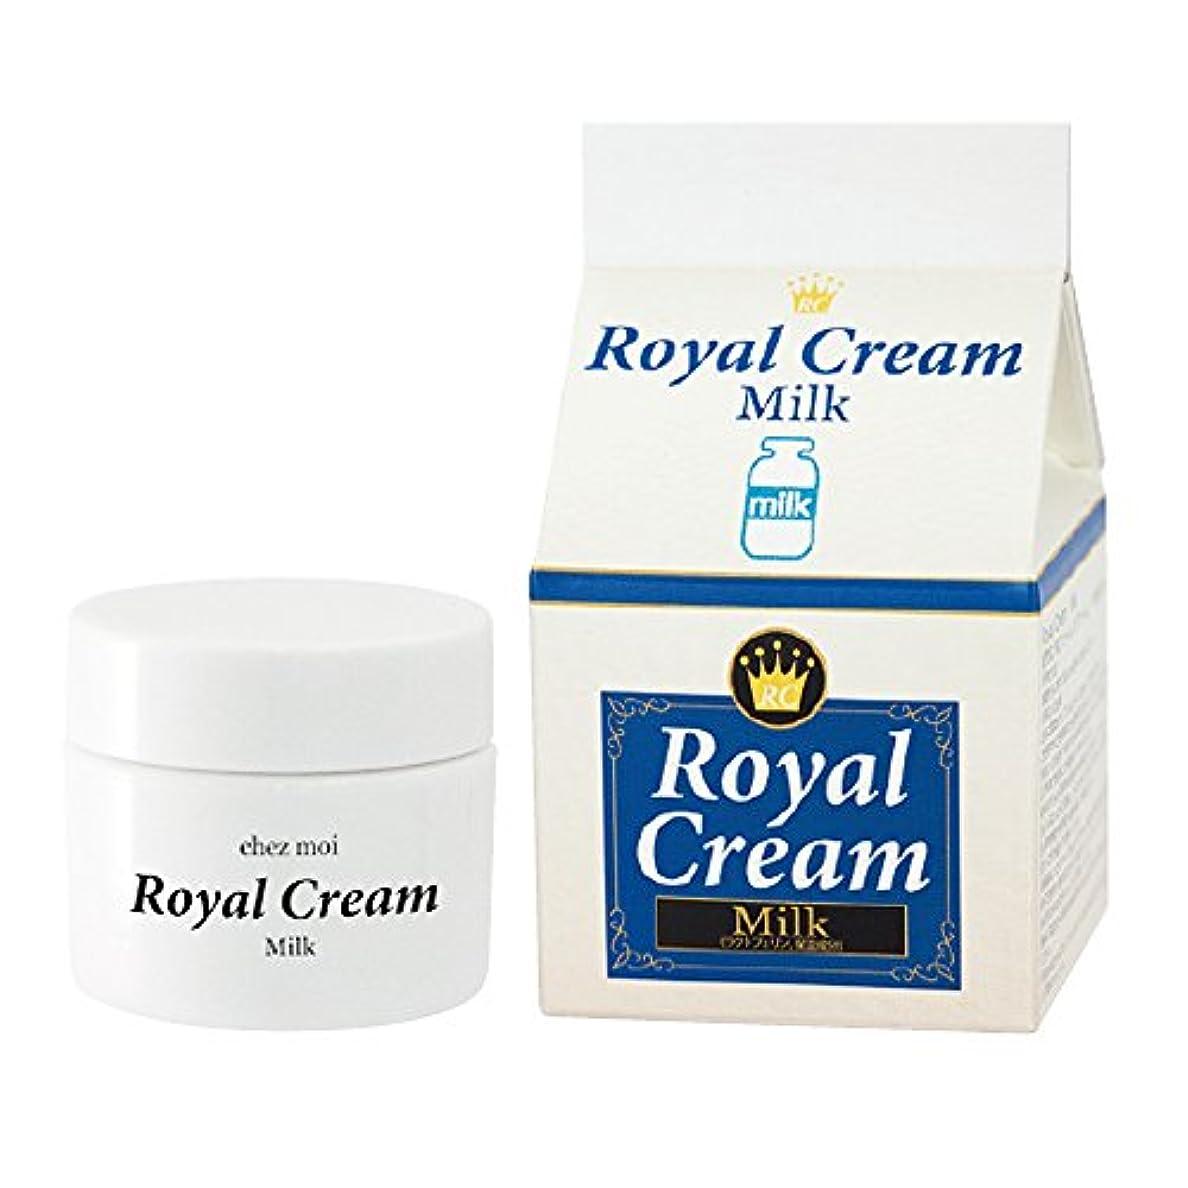 発音する解放する省略するRoyal Cream(ロイヤルクリーム) Milk(ミルク) 30g